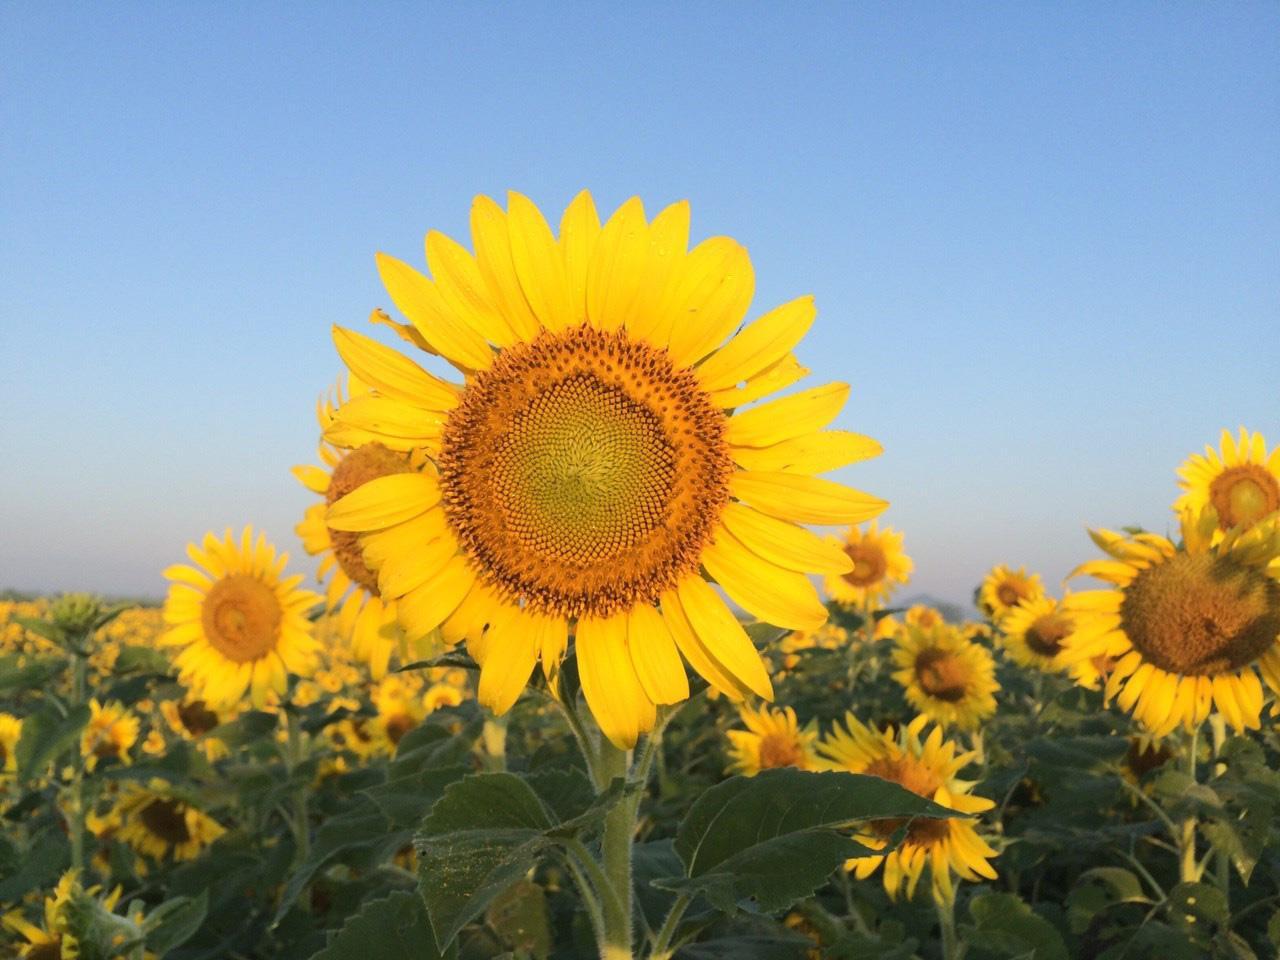 ดอกใหญ่ สวยๆ ทางนี้เลย